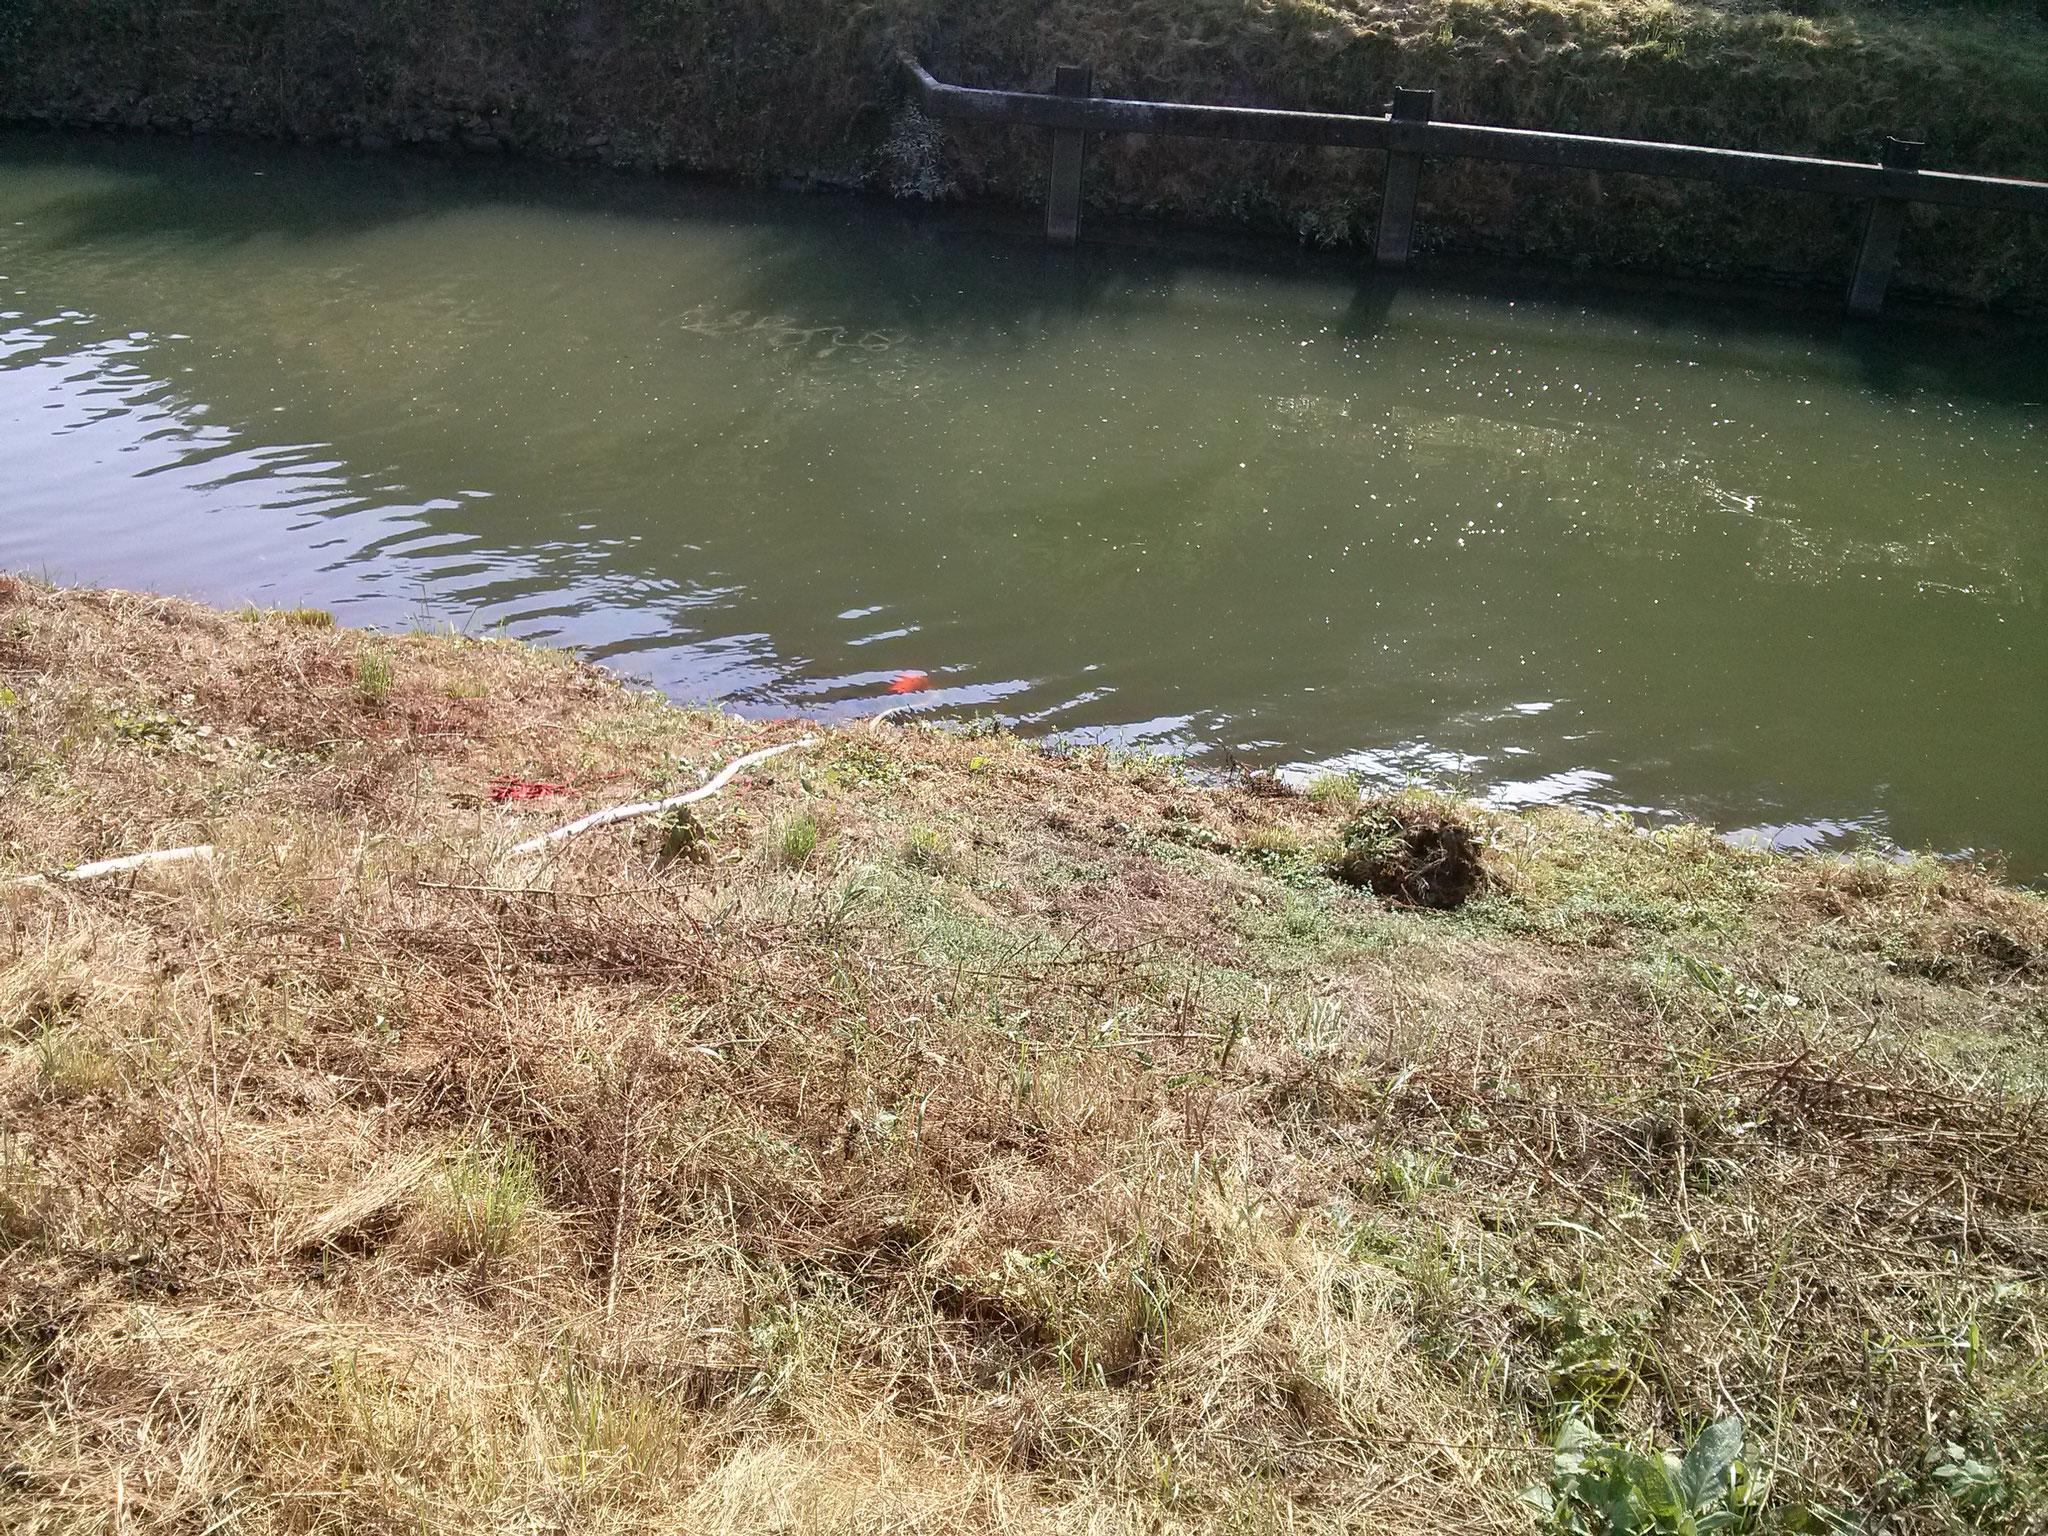 ... die hilft uns den Teich zu füllen mit frischem Lahnwasser.